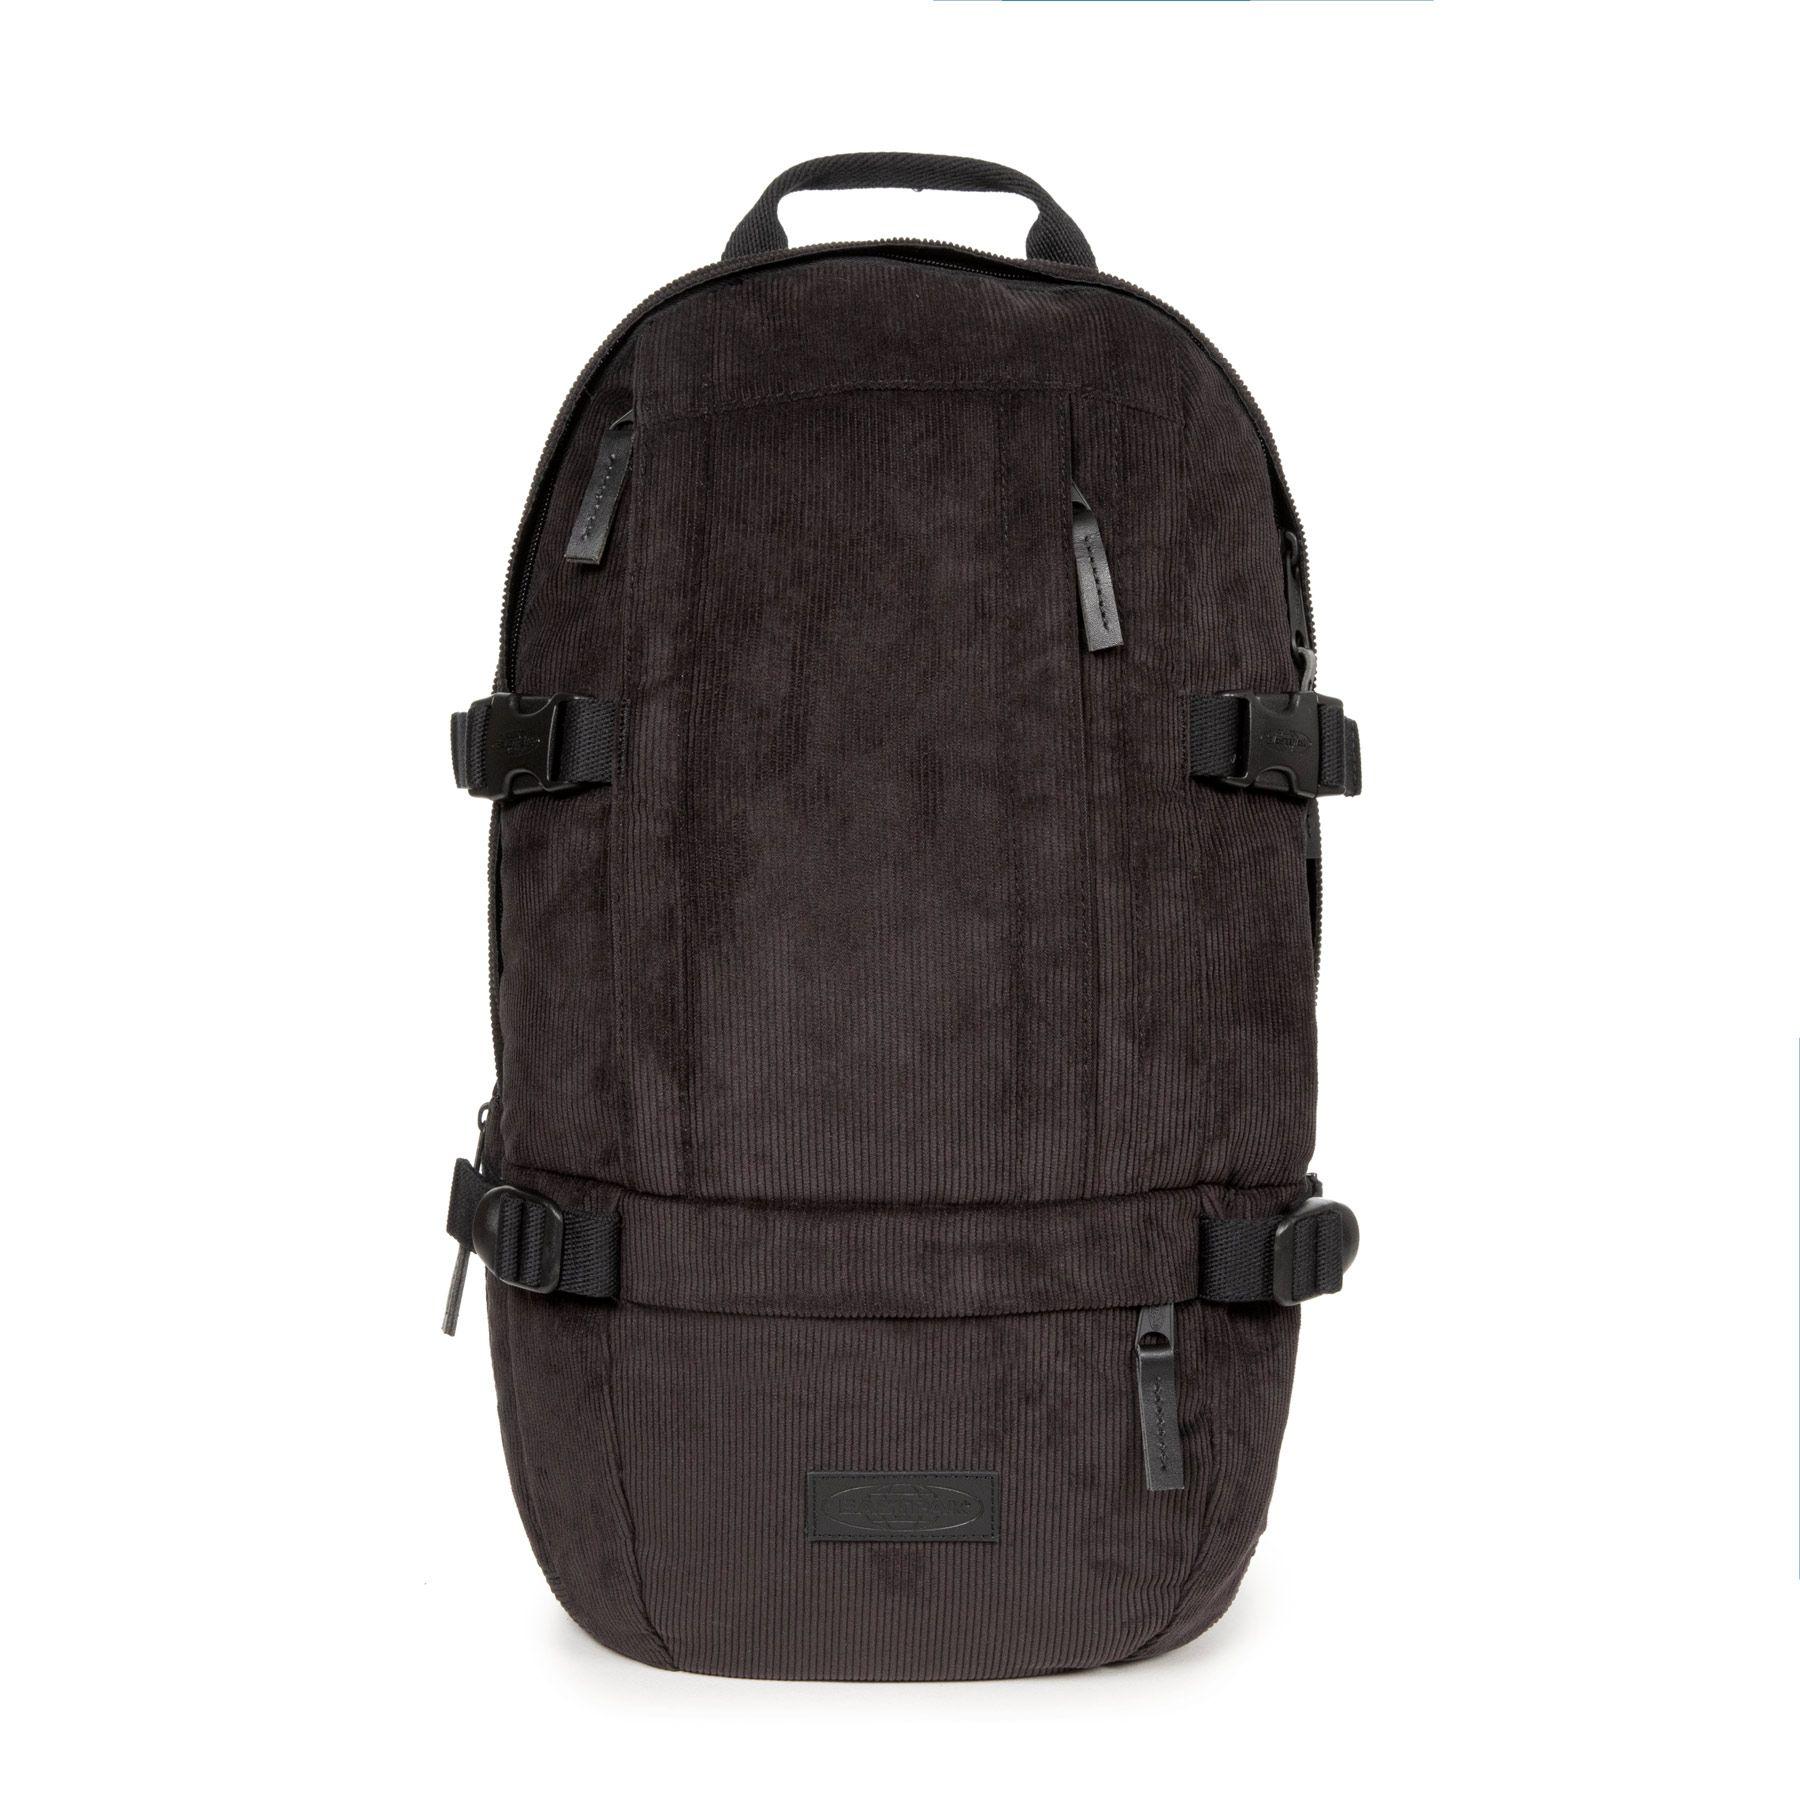 Sac à dos Eastpak Floid - CS Comfy Black, 16L